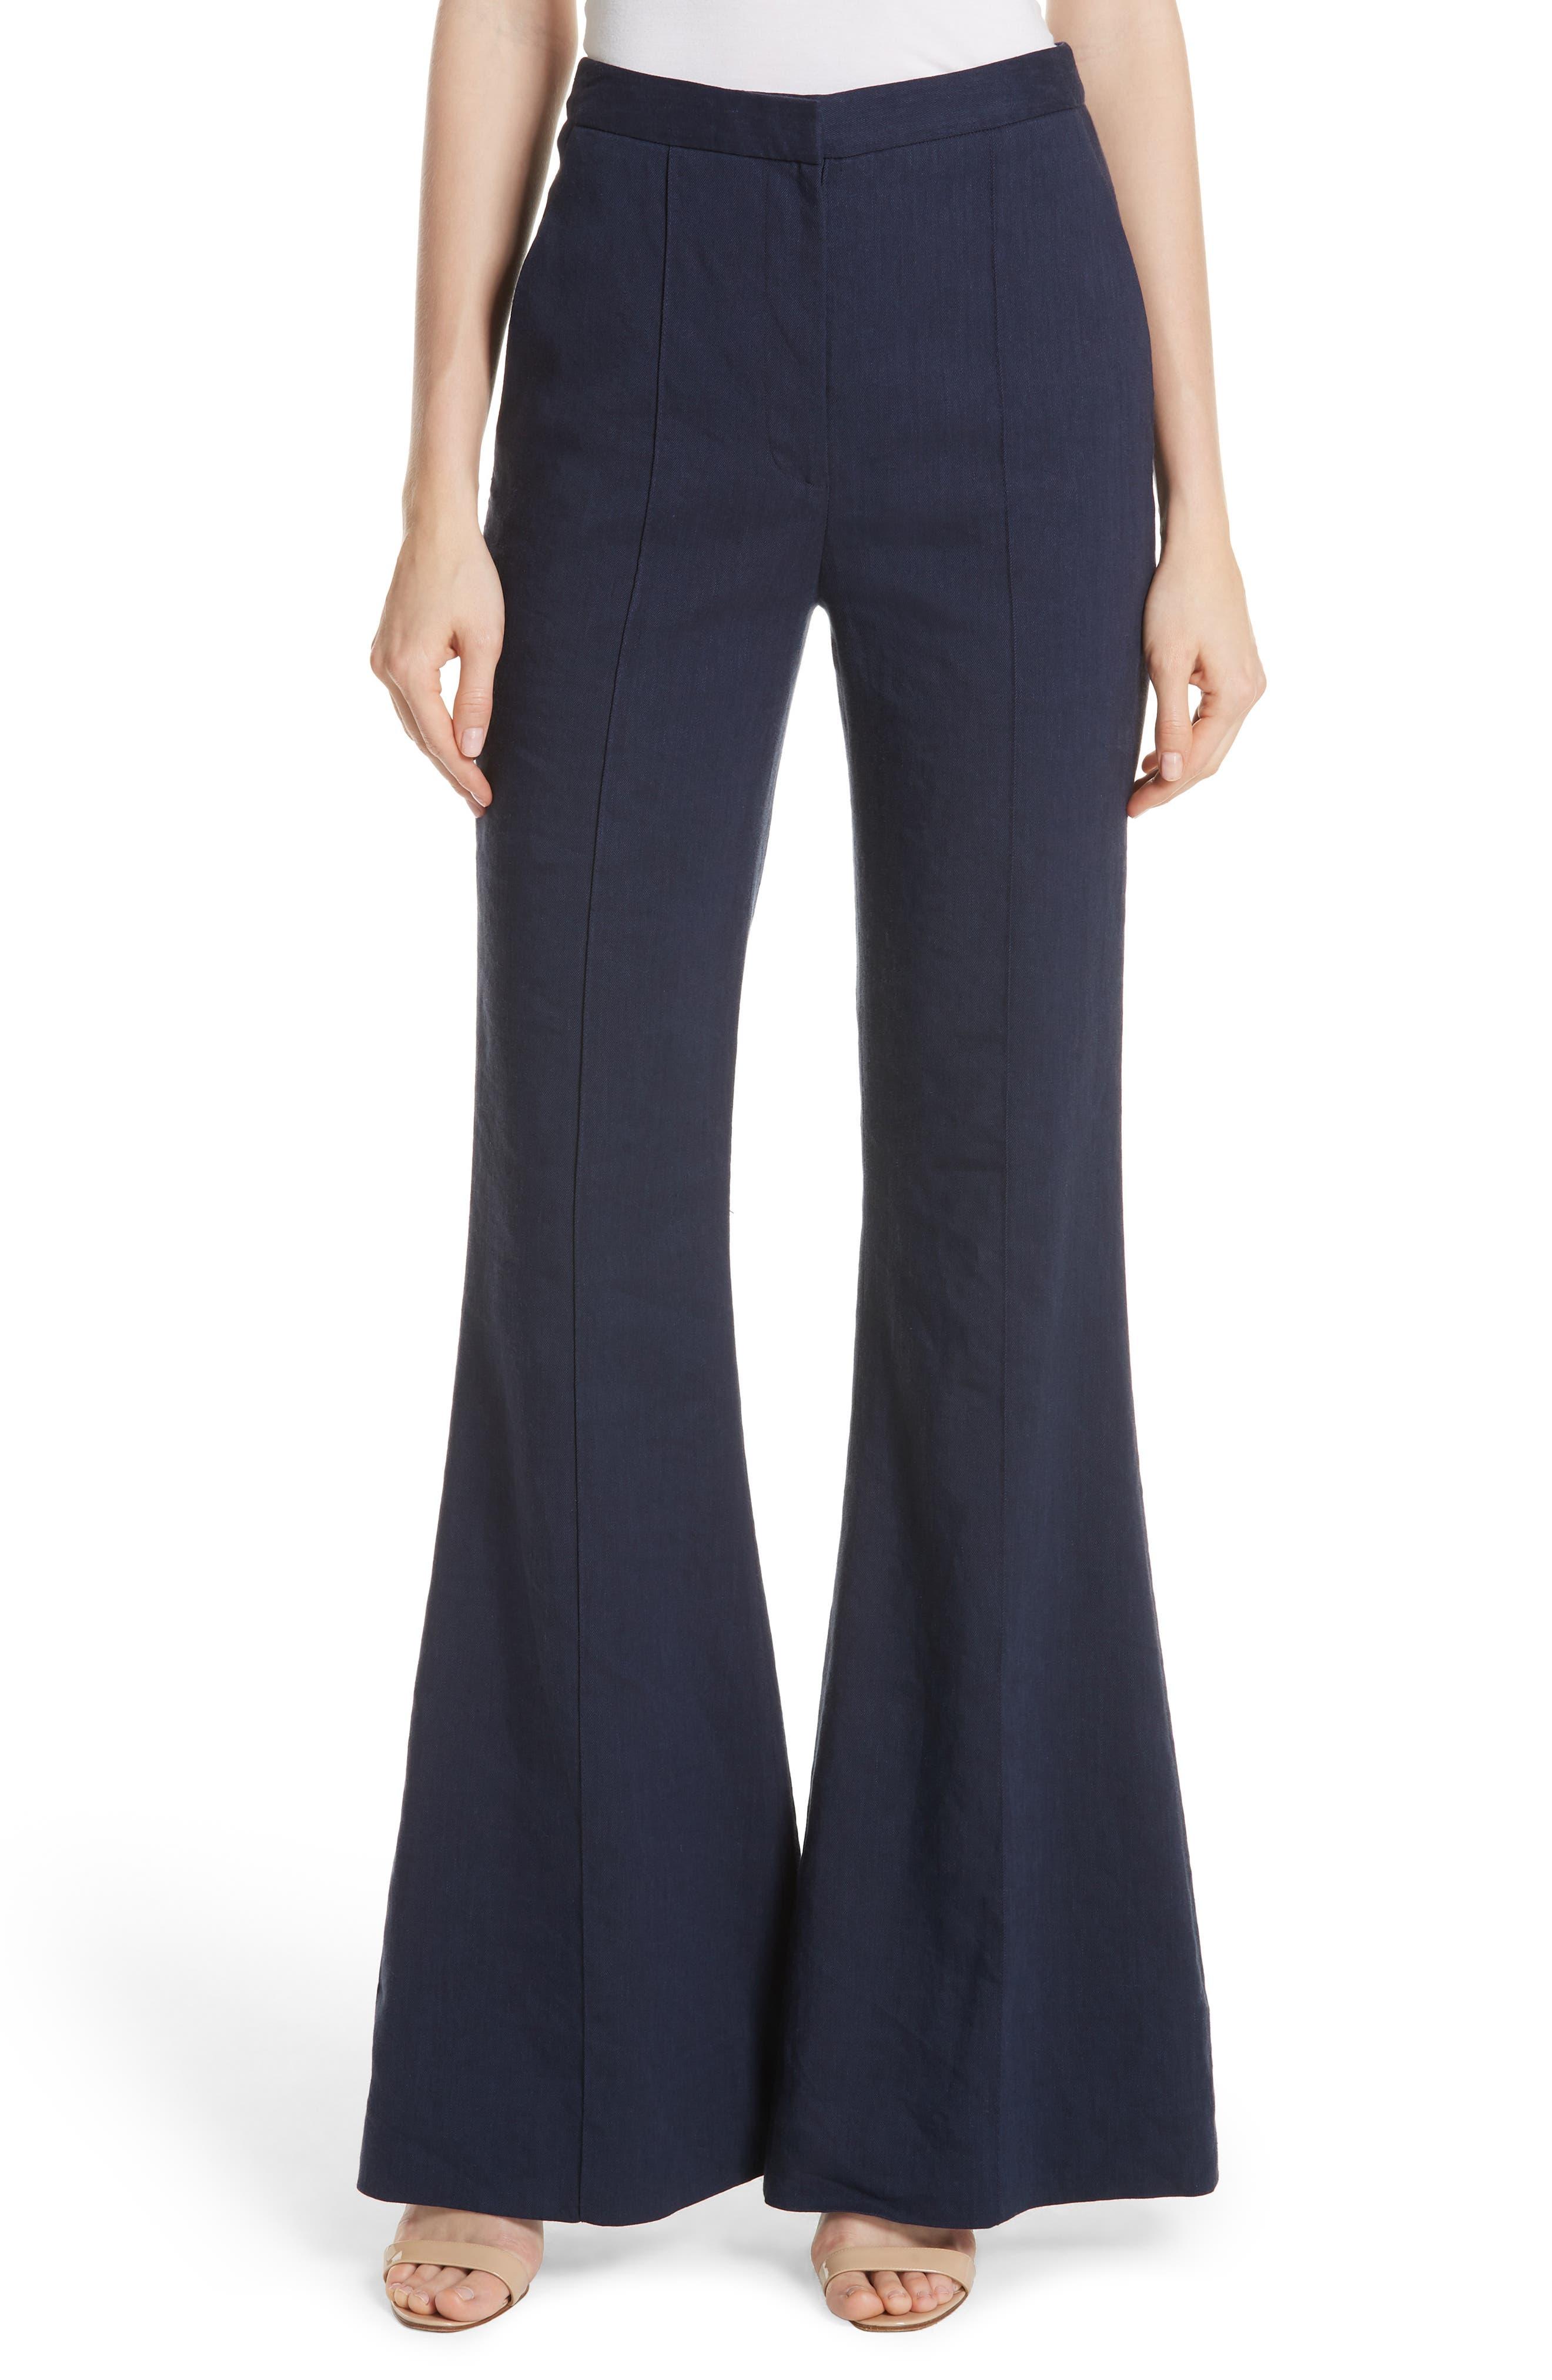 Diane von Furstenberg Pleat Front Flare Stretch Linen Blend Pants,                             Main thumbnail 1, color,                             485